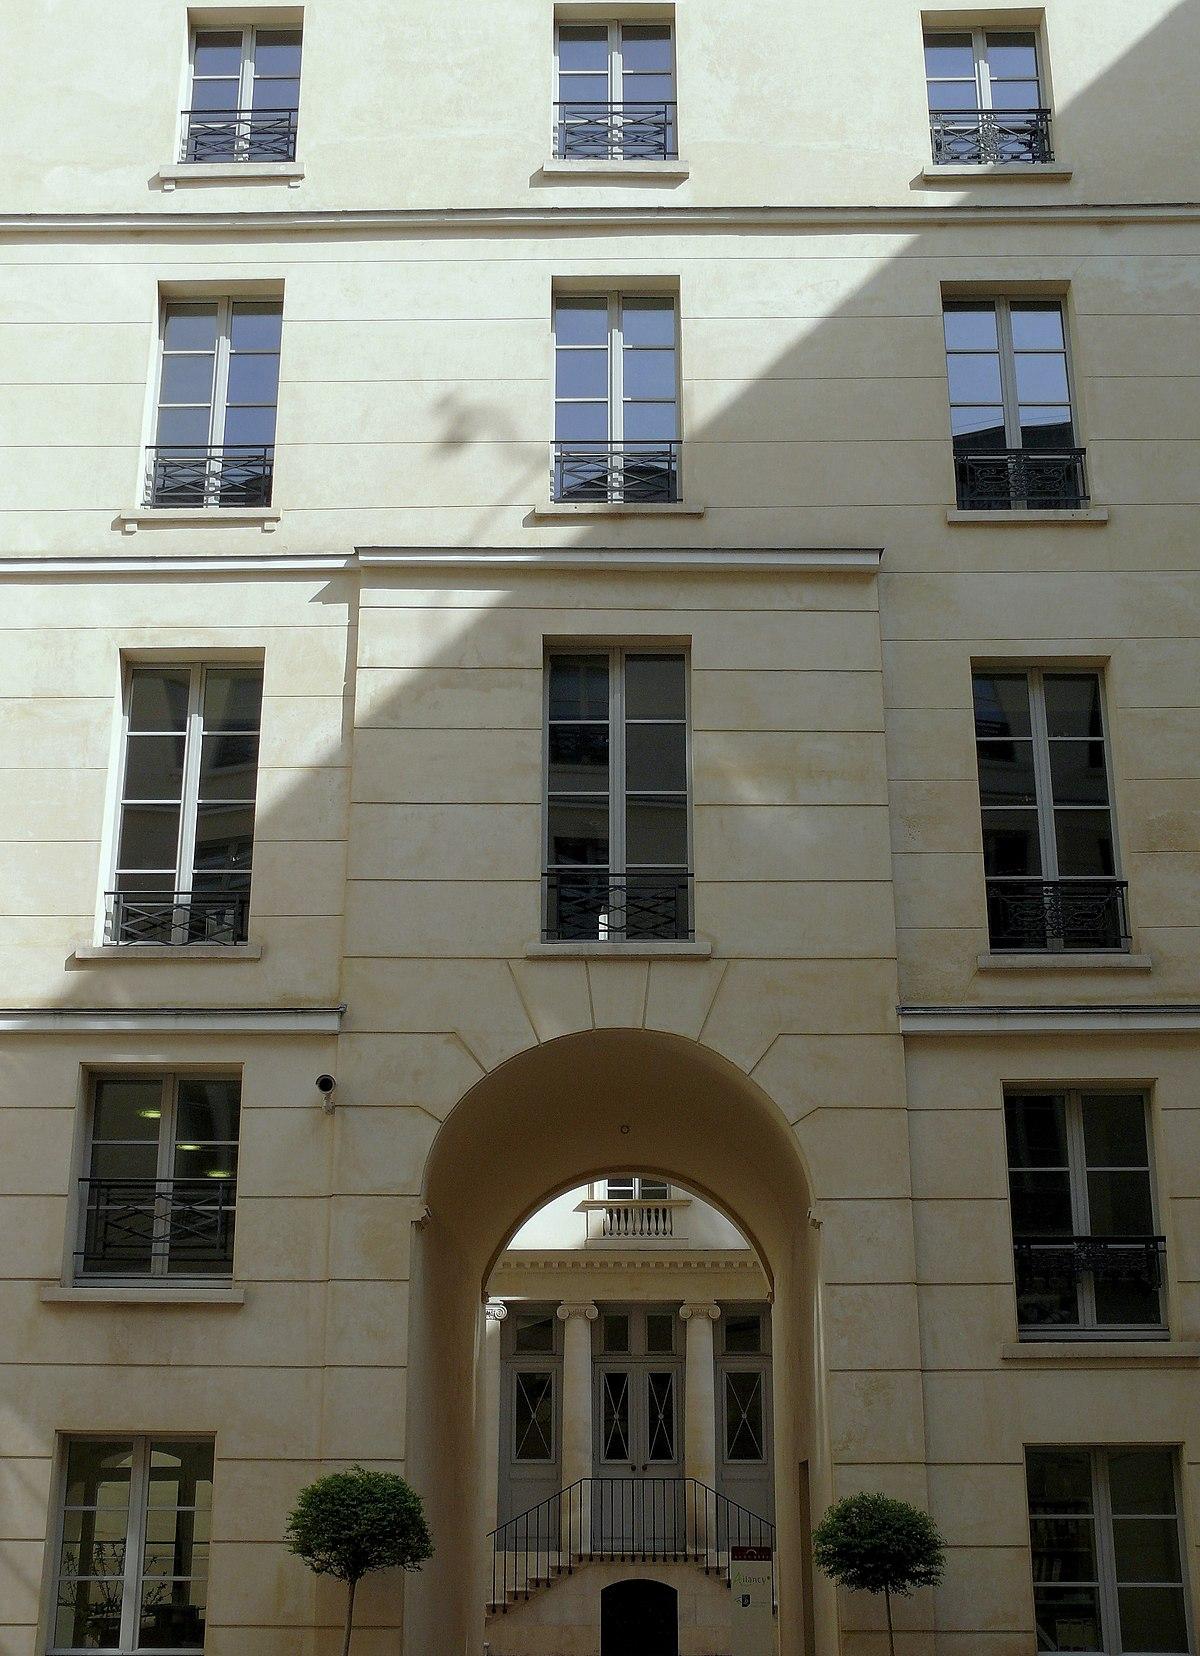 Conseil Sup Rieur De La Magistrature France Wikip Dia